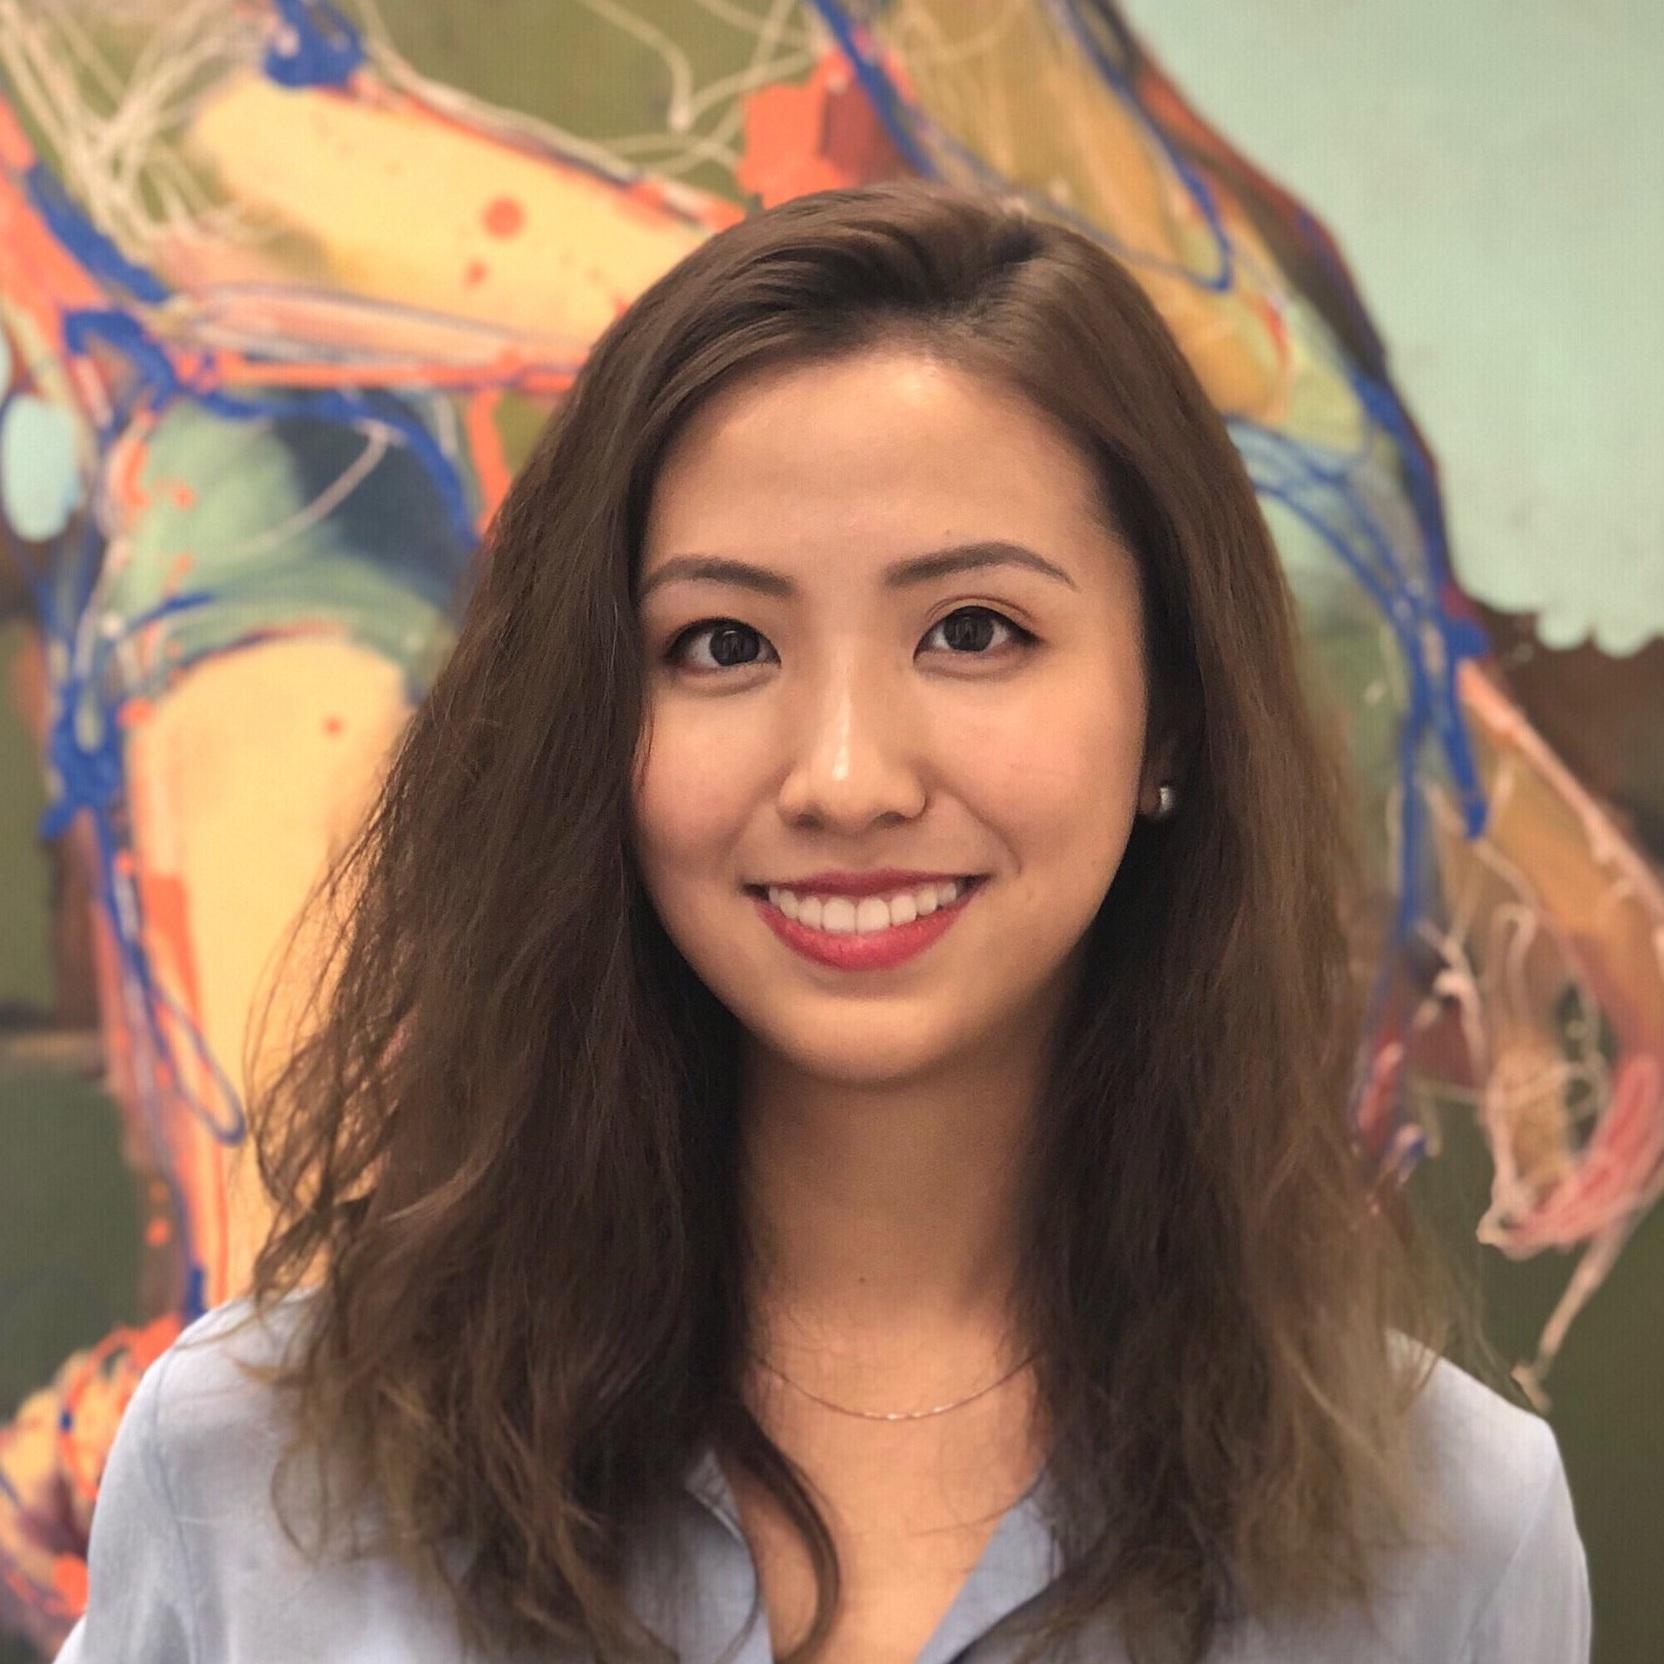 Quency Li Qinshu 李沁姝 Associate 🇭🇰